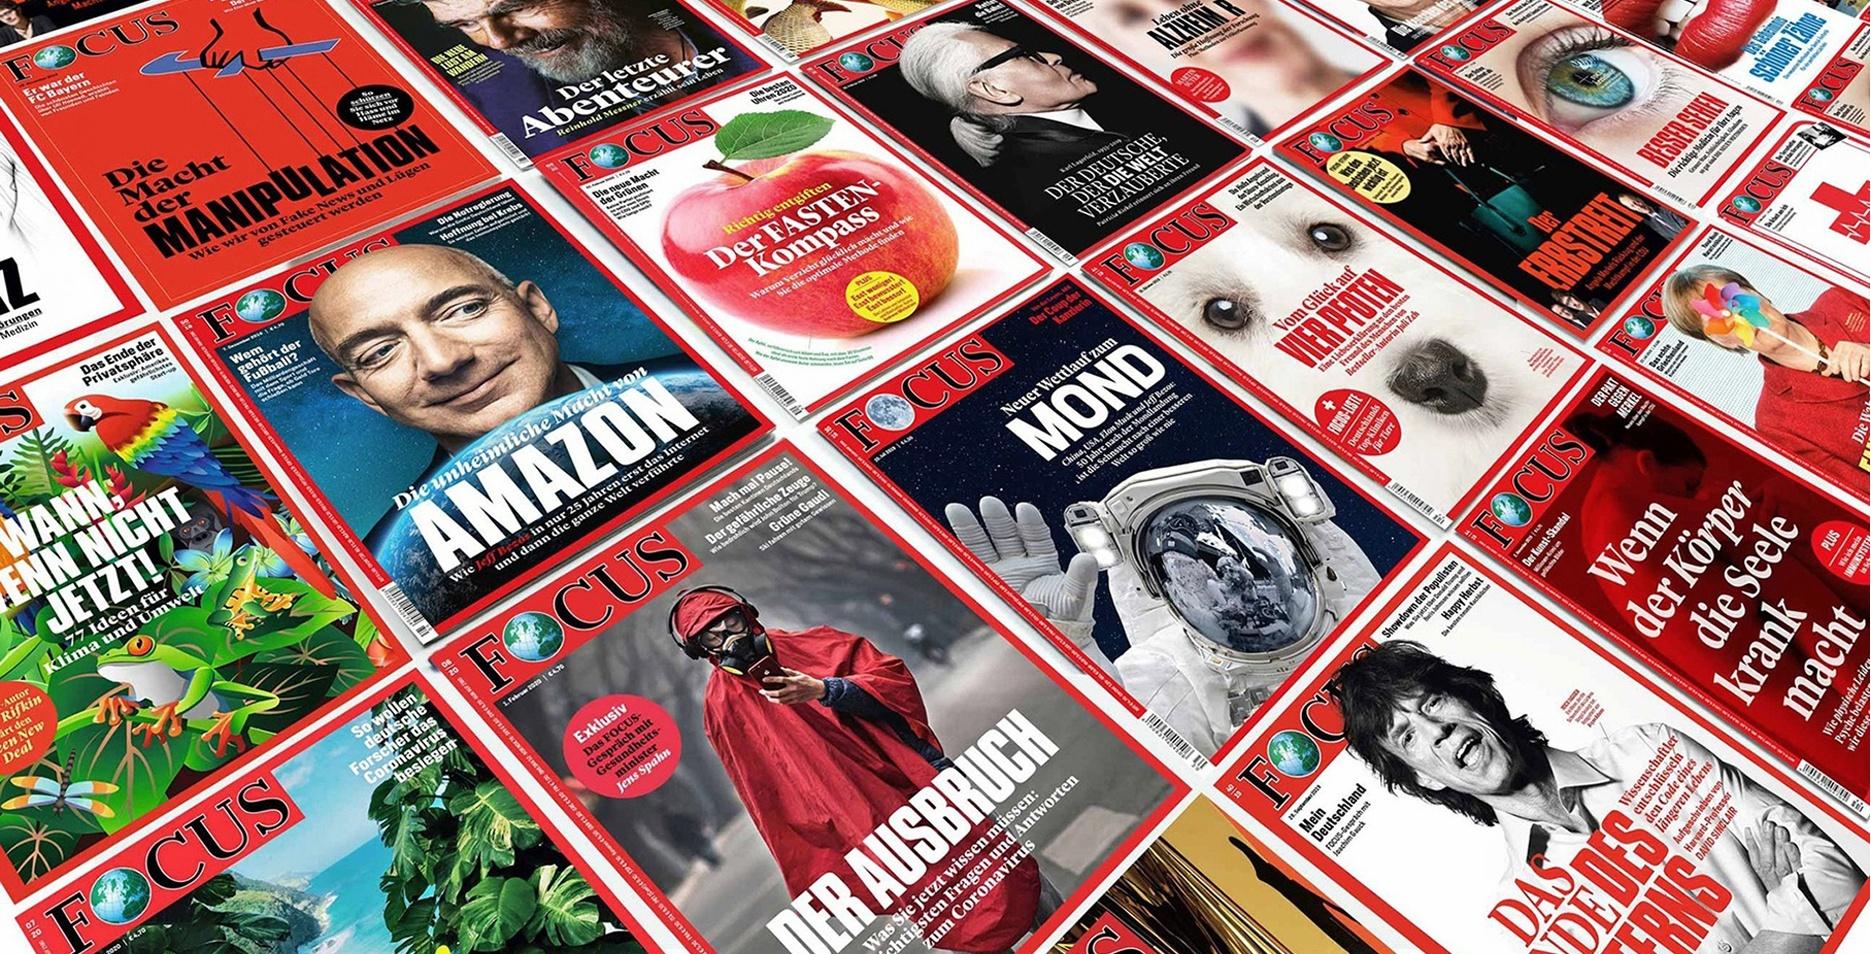 Studio Last - Focus Magazin – Gradual Relaunch